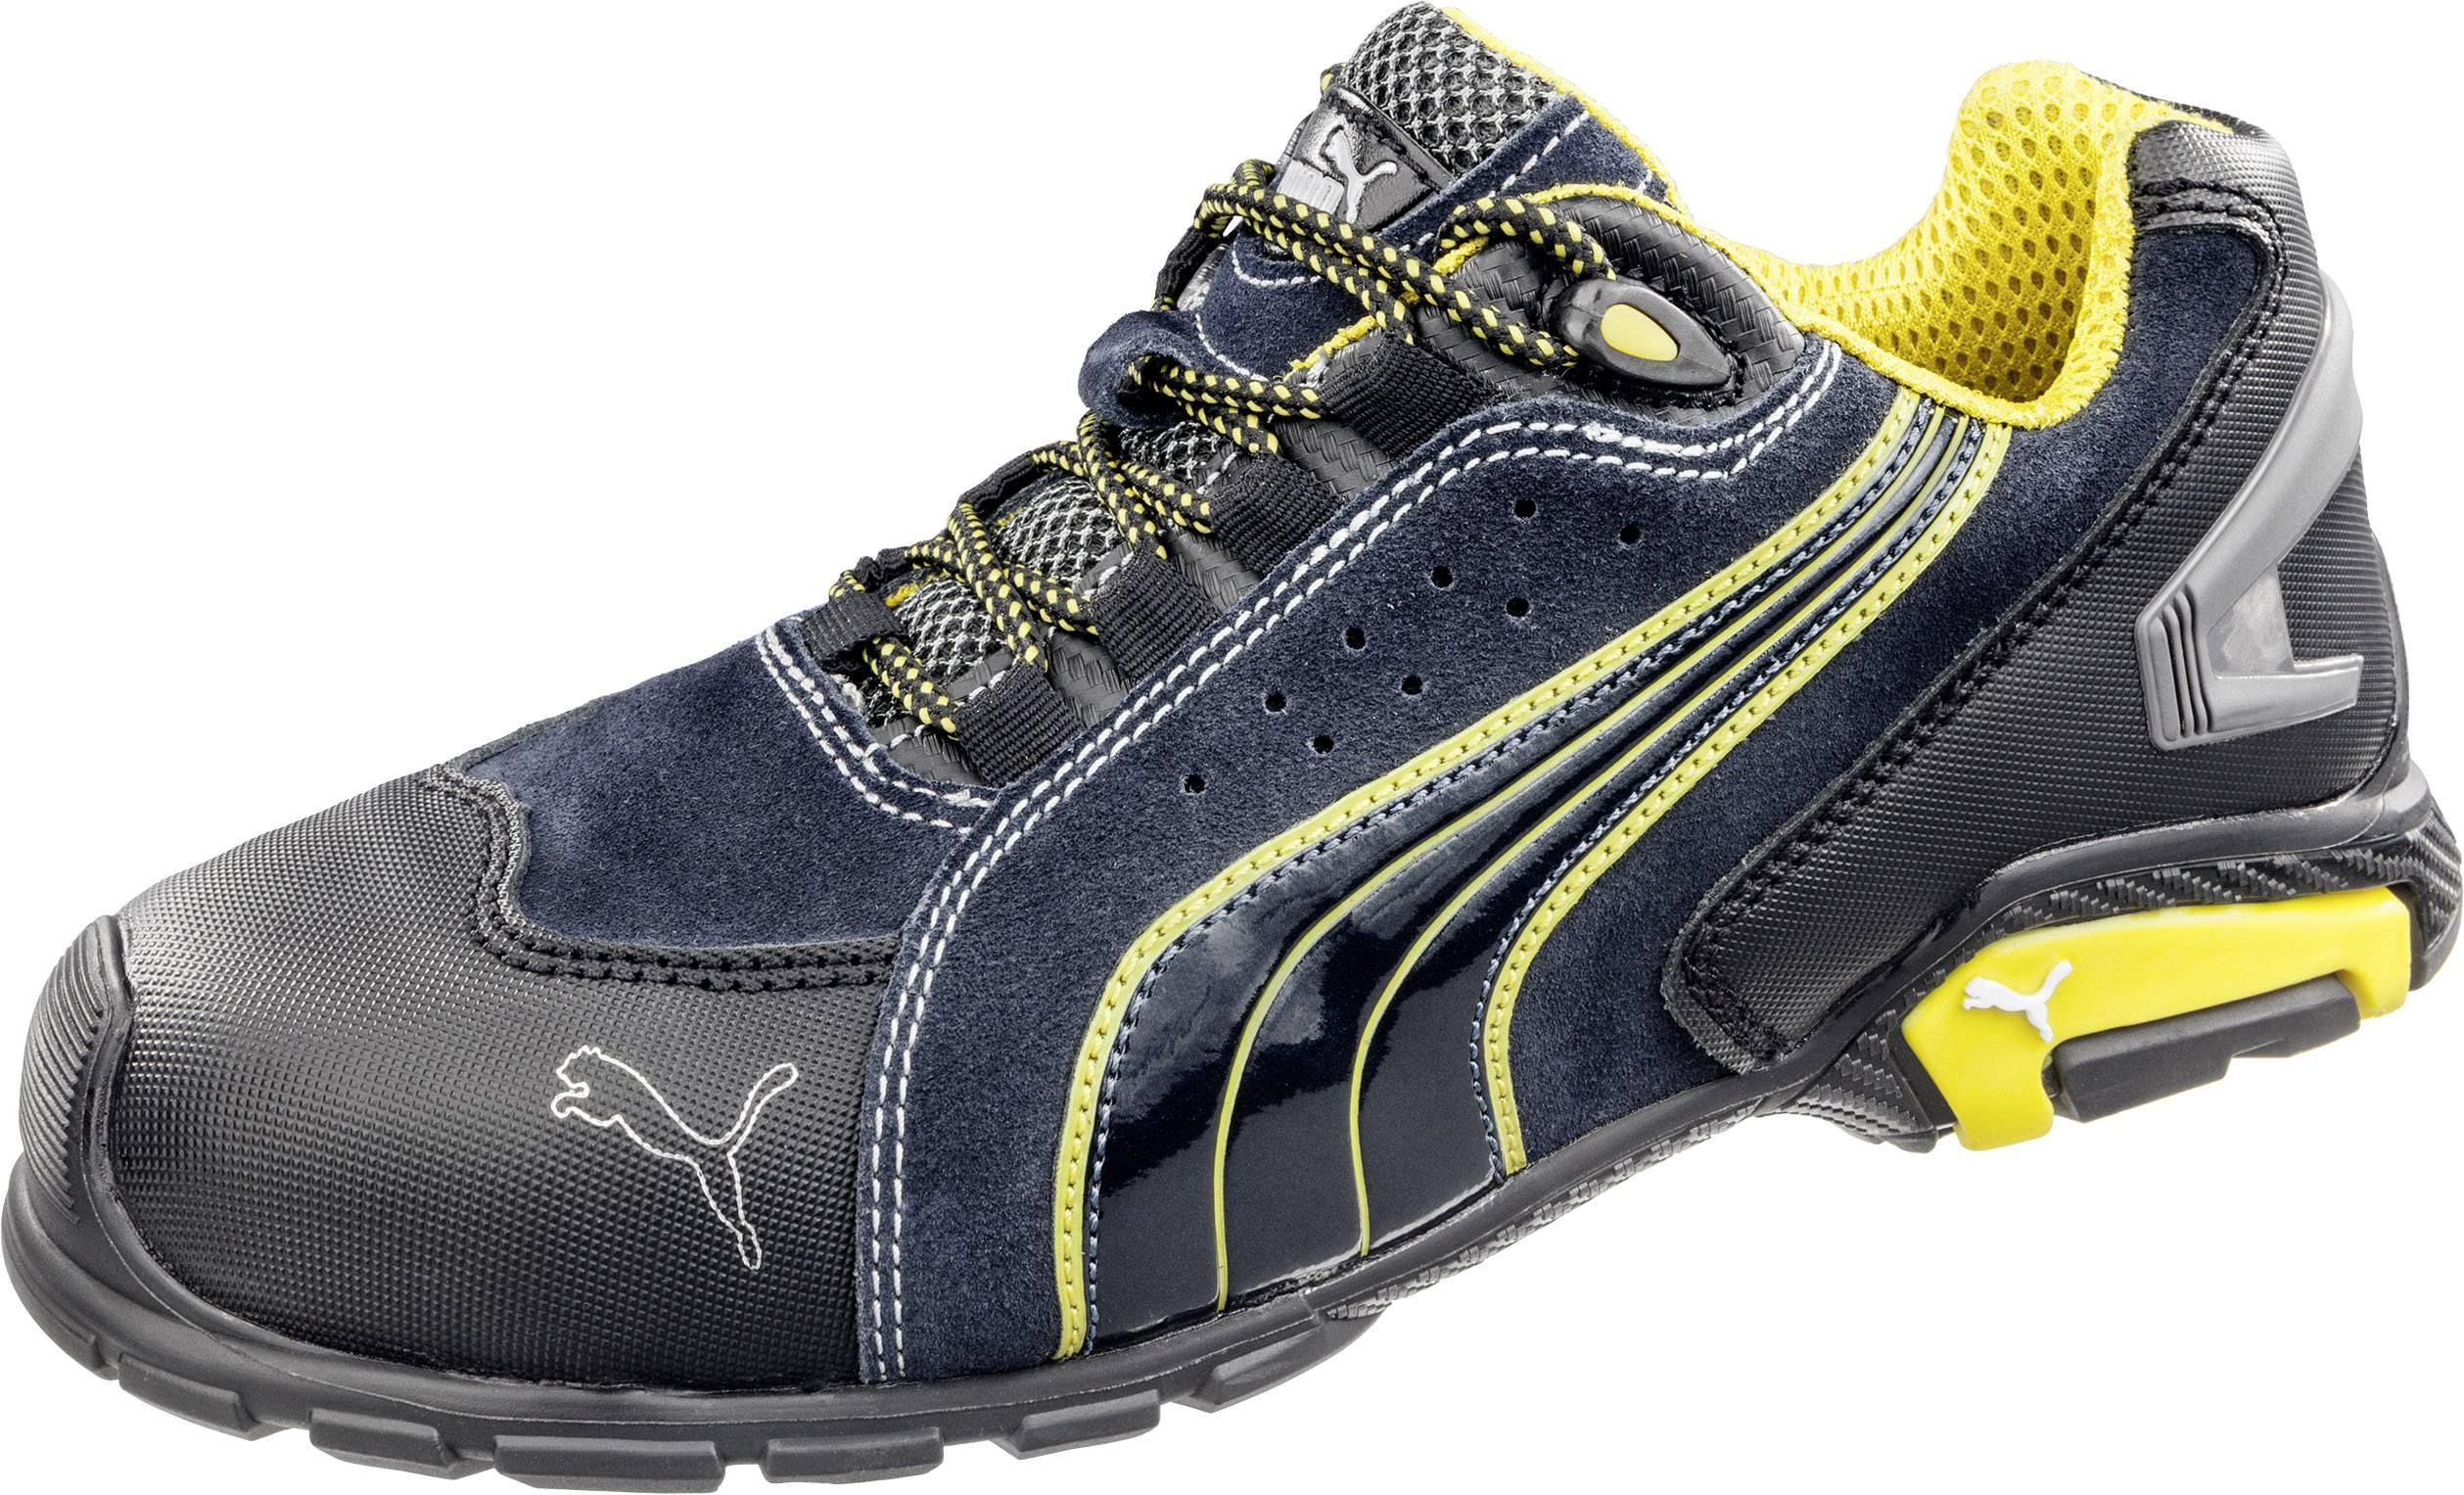 Blu S1p Nero Sicurezza Safety Puma Misura Scarpe 45 Di Giallo w0xIU7w